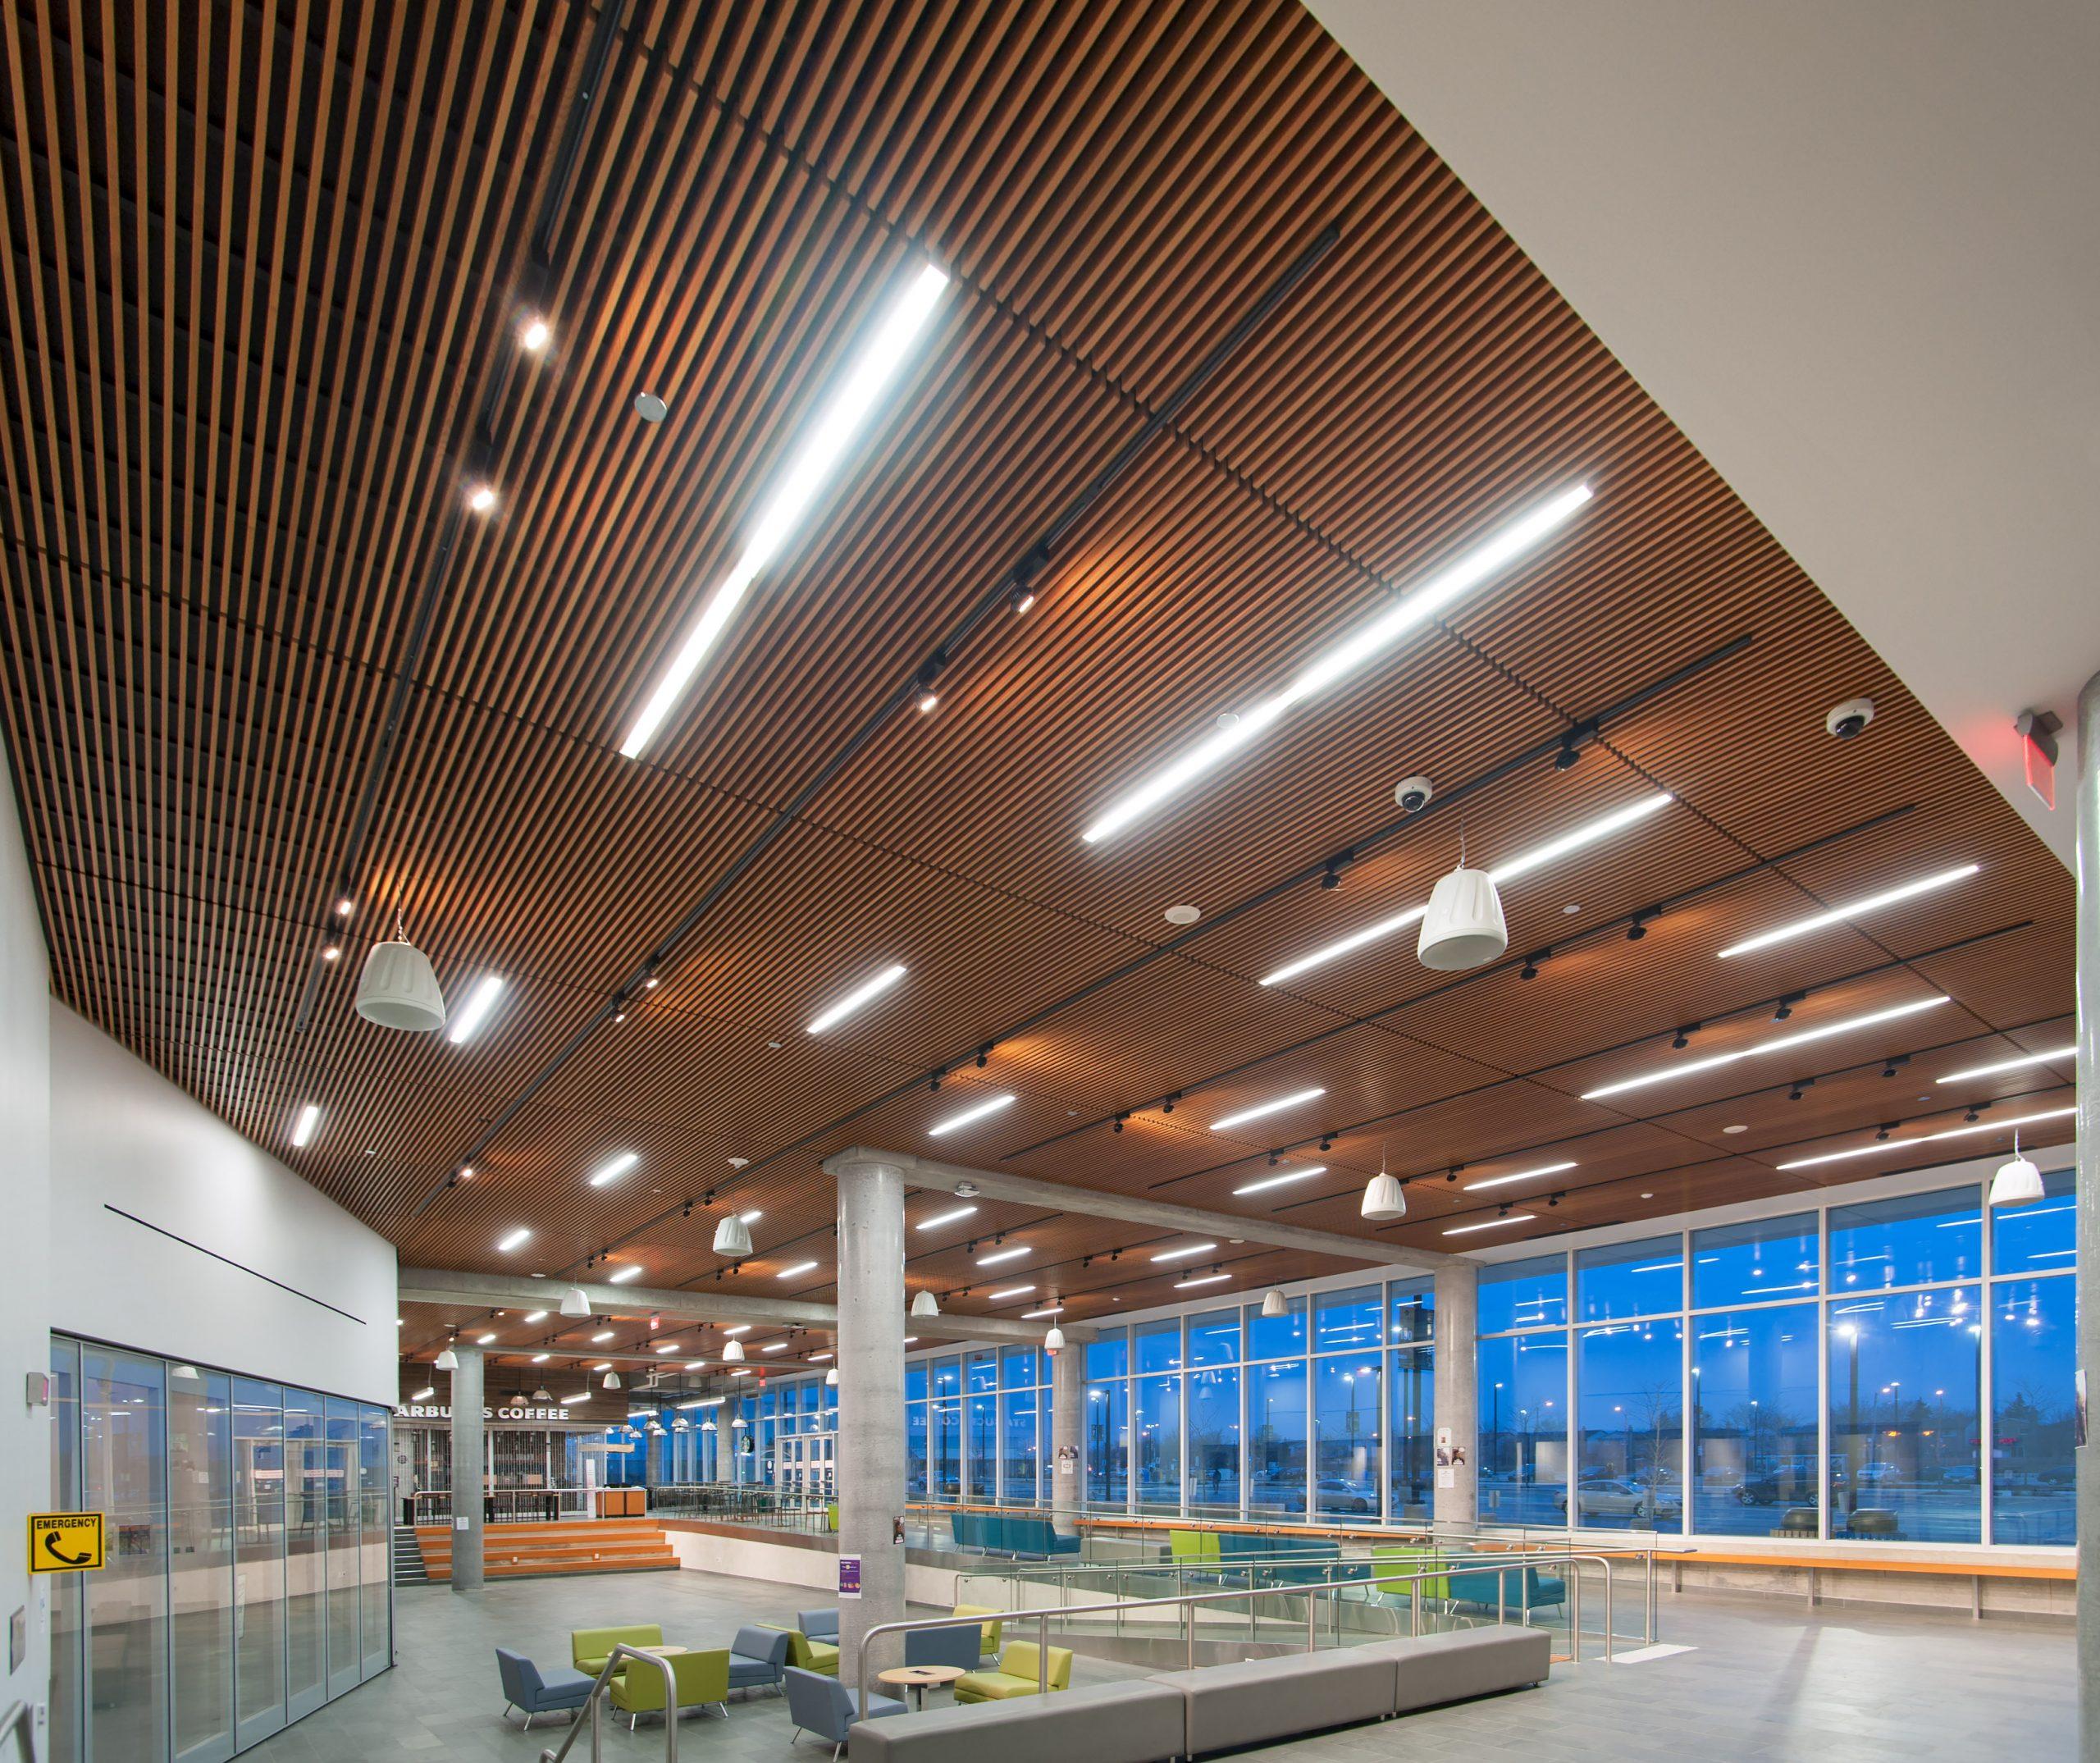 Trường được đánh giá là Học viện kỹ thuật và đào tạo cao cấp tại Canada.